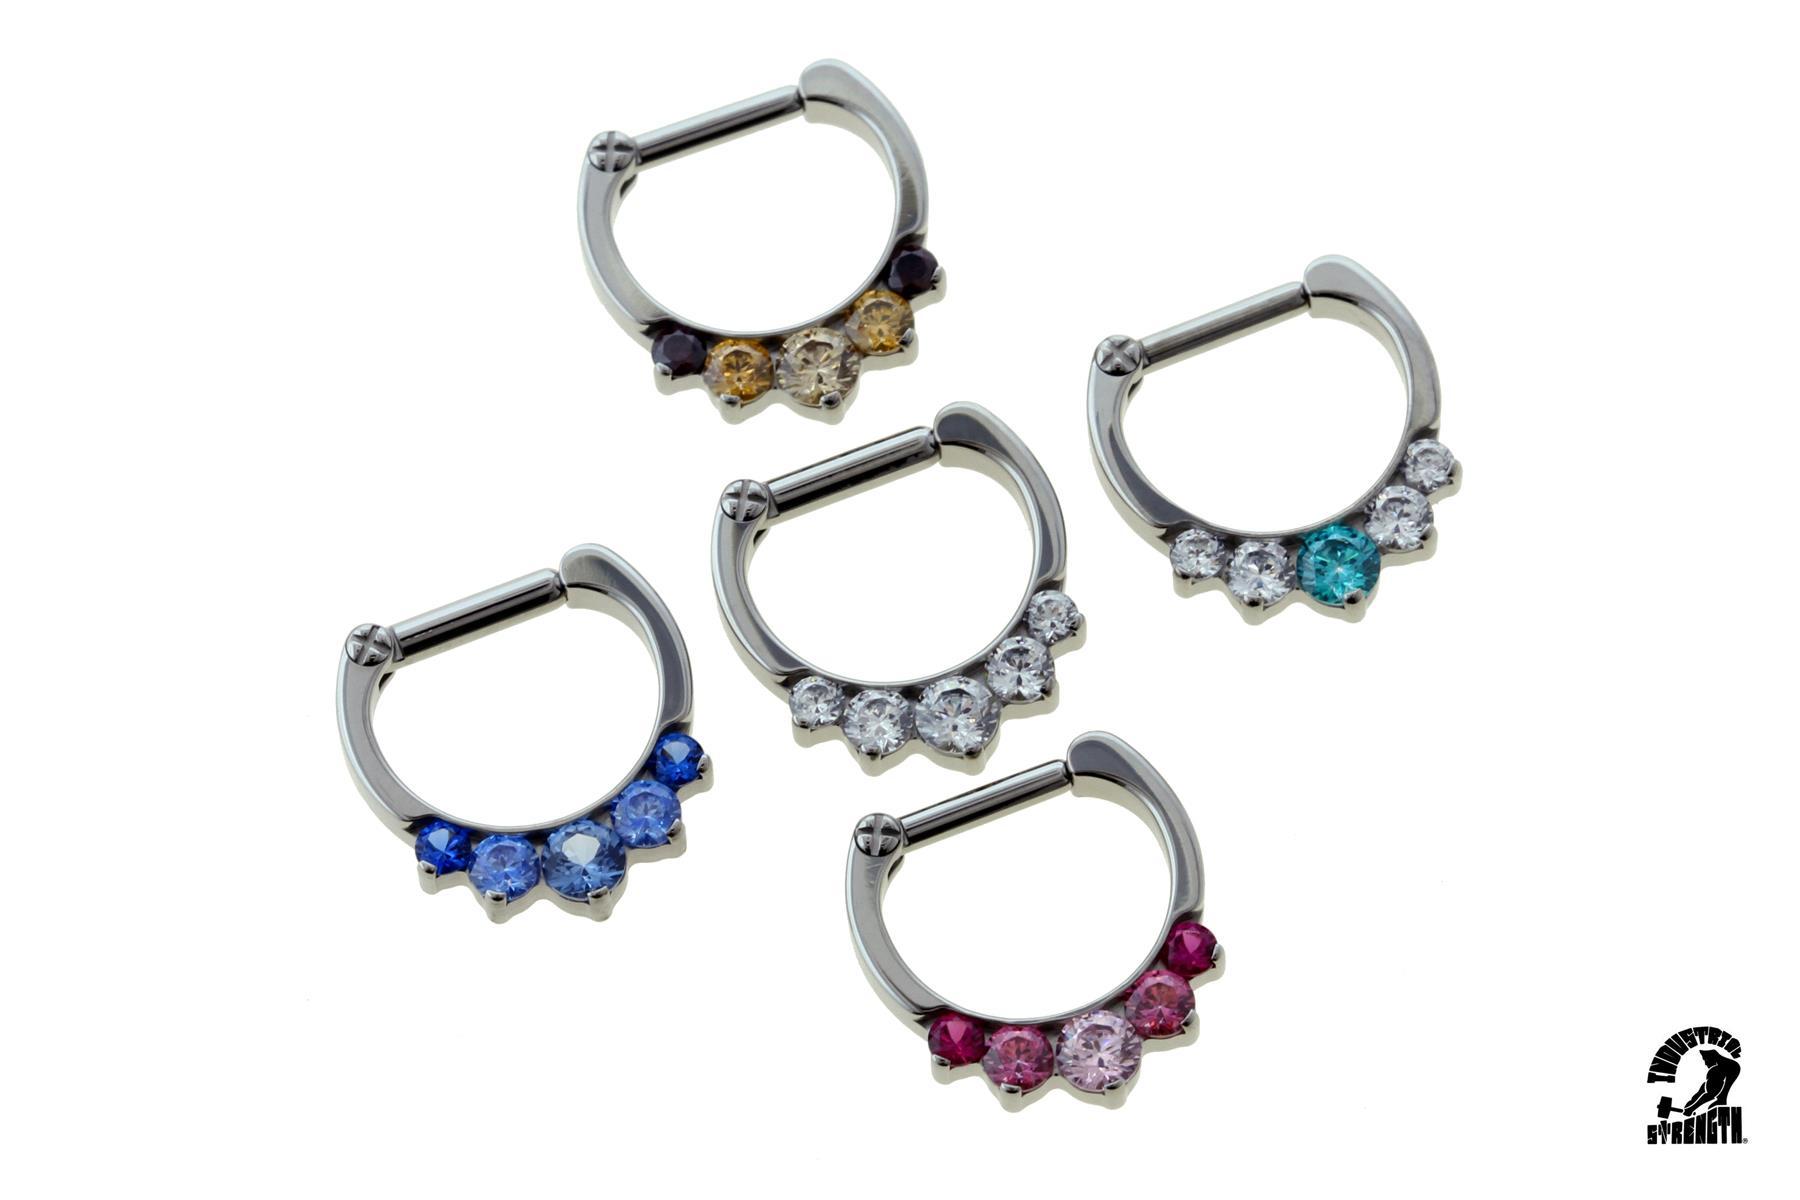 Odyssey prong-set faceted gem septum clicker #6, 14g